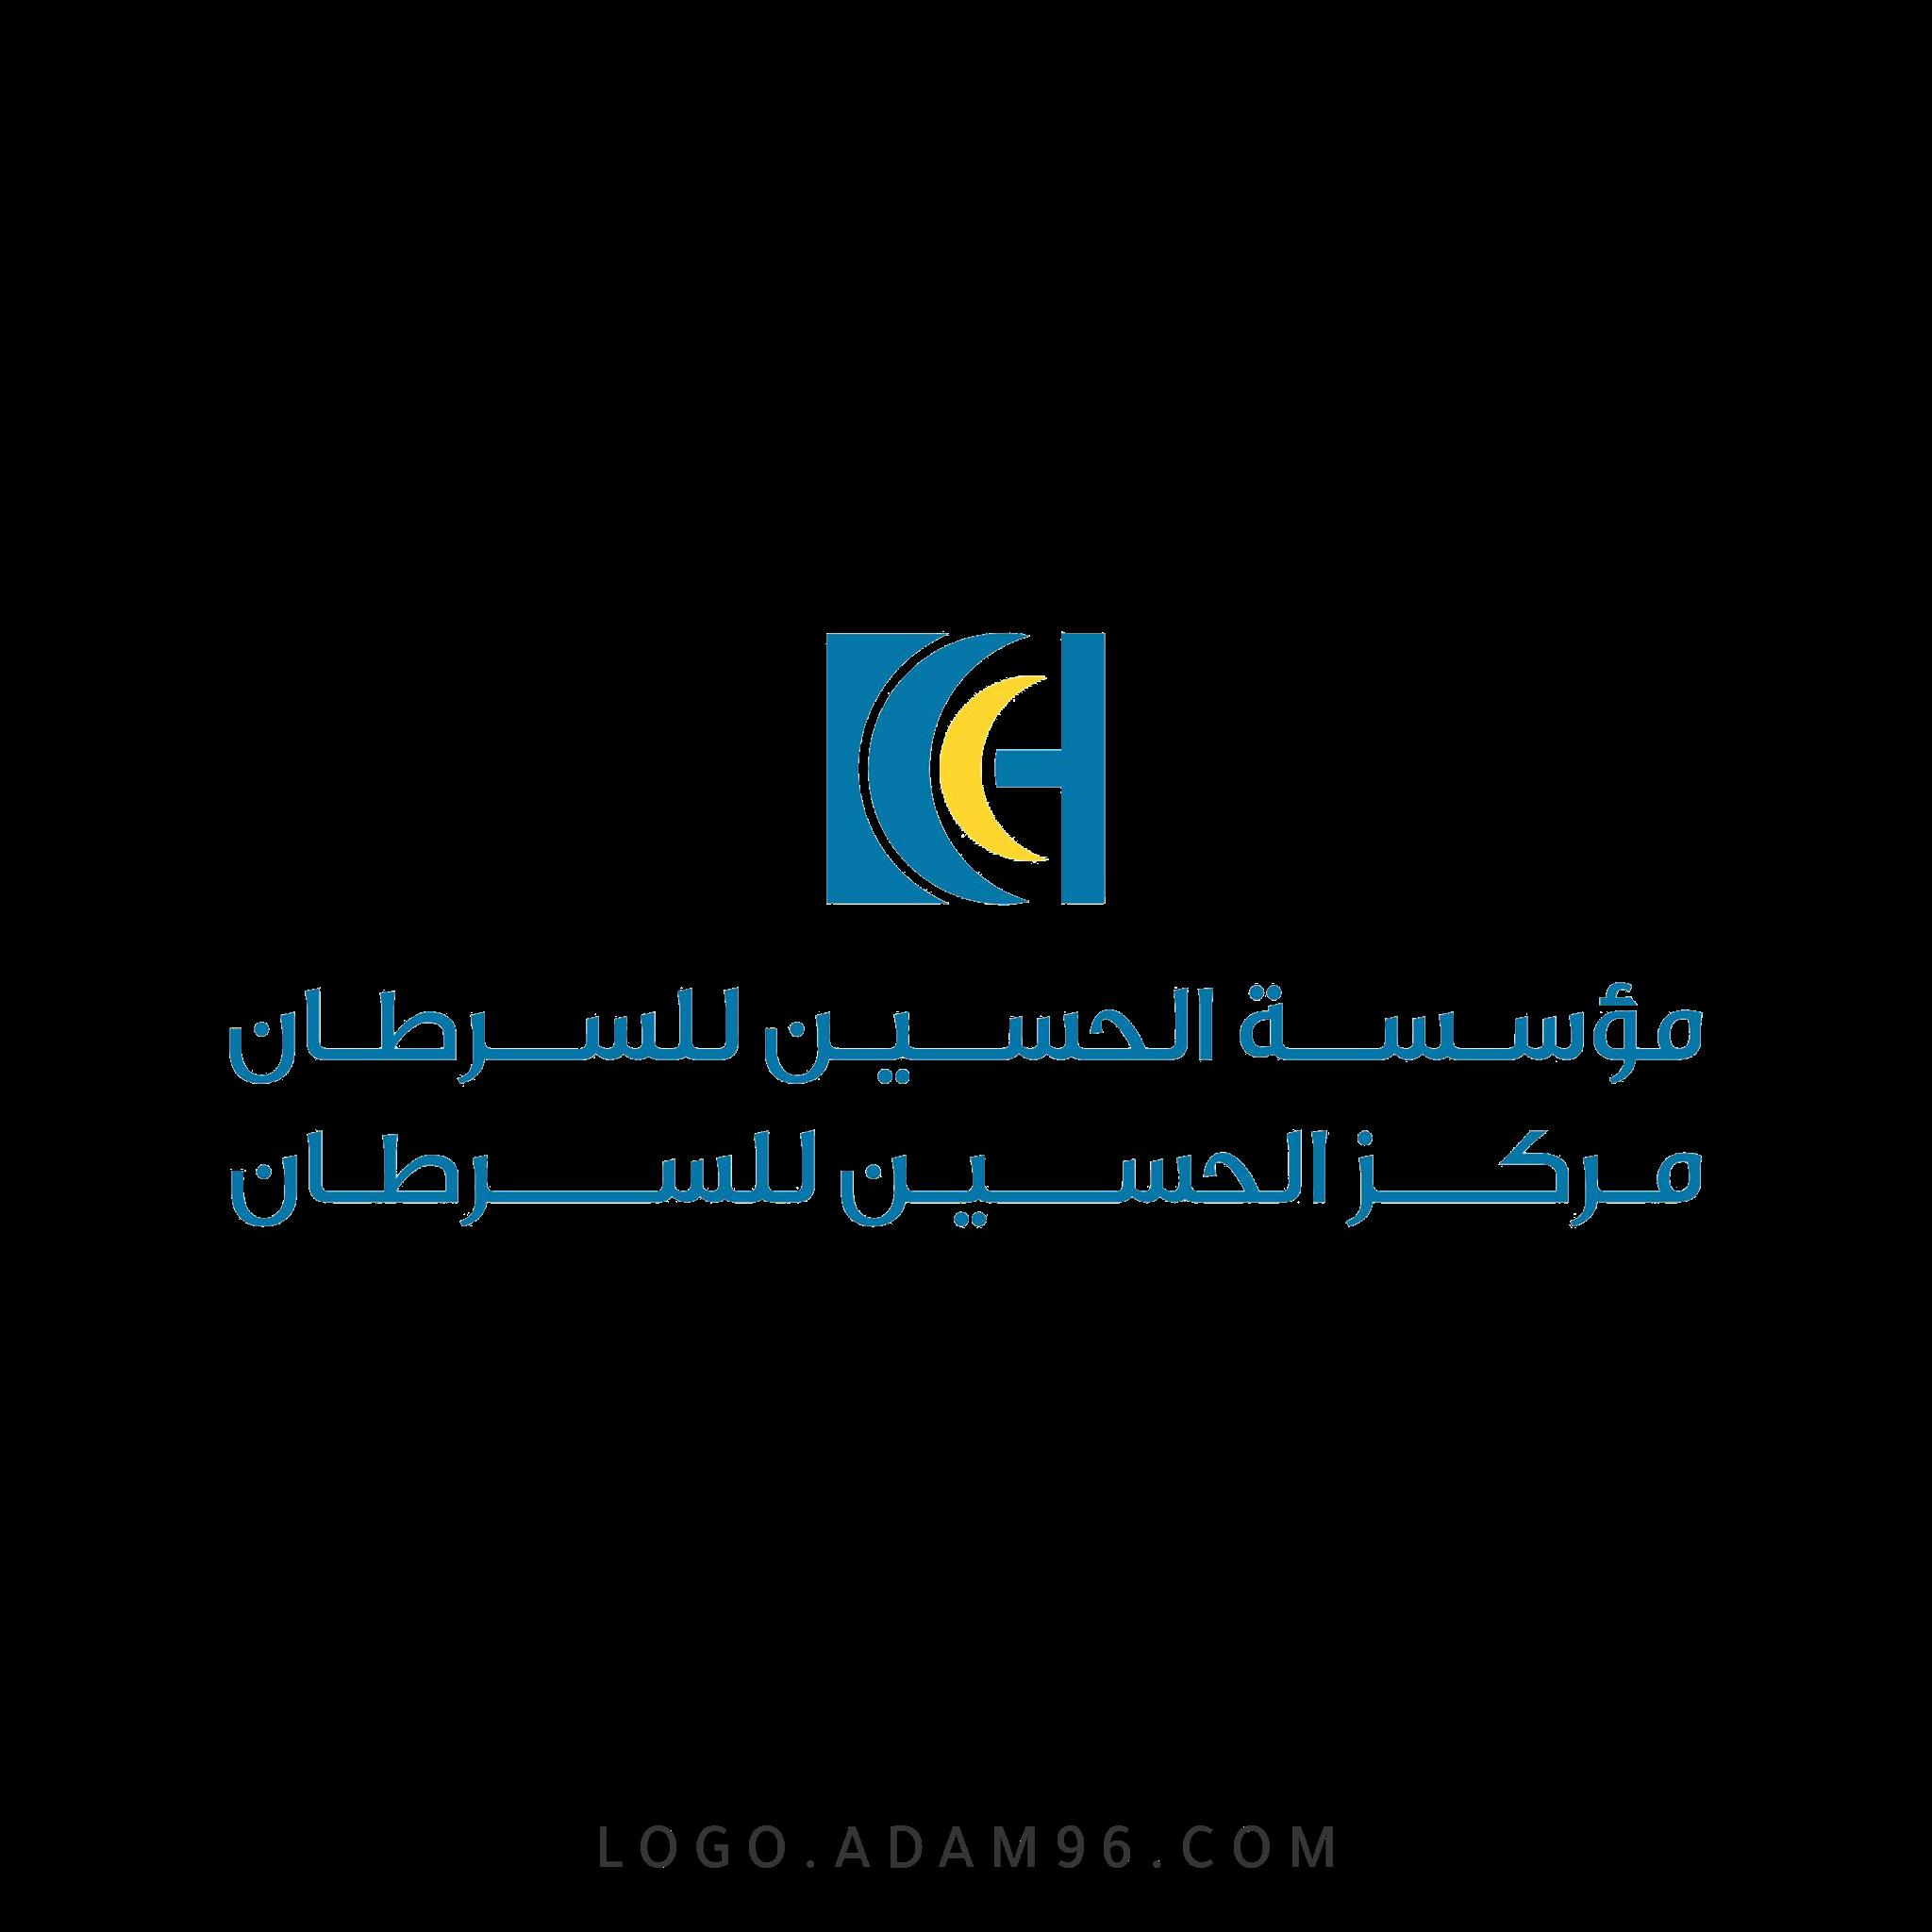 تحميل شعار مركز الحسين للسرطان لوجو رسمي - شعارات الاردن